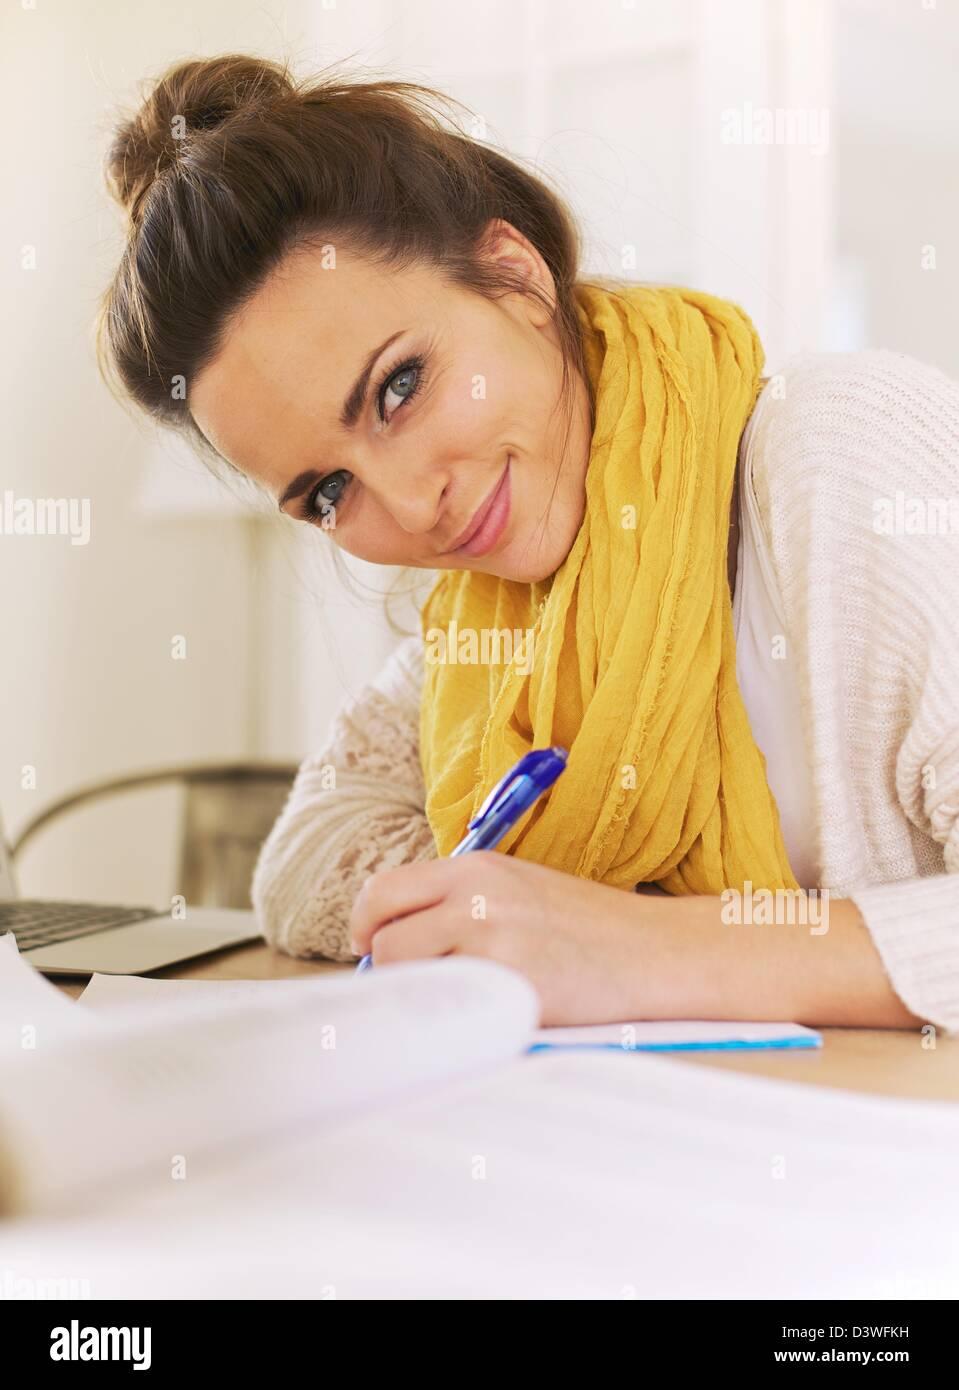 Nahaufnahme einer schönen lächelnden Frau Blick in die Kamera während des Schreibens auf ihrem Merkzettel Stockbild